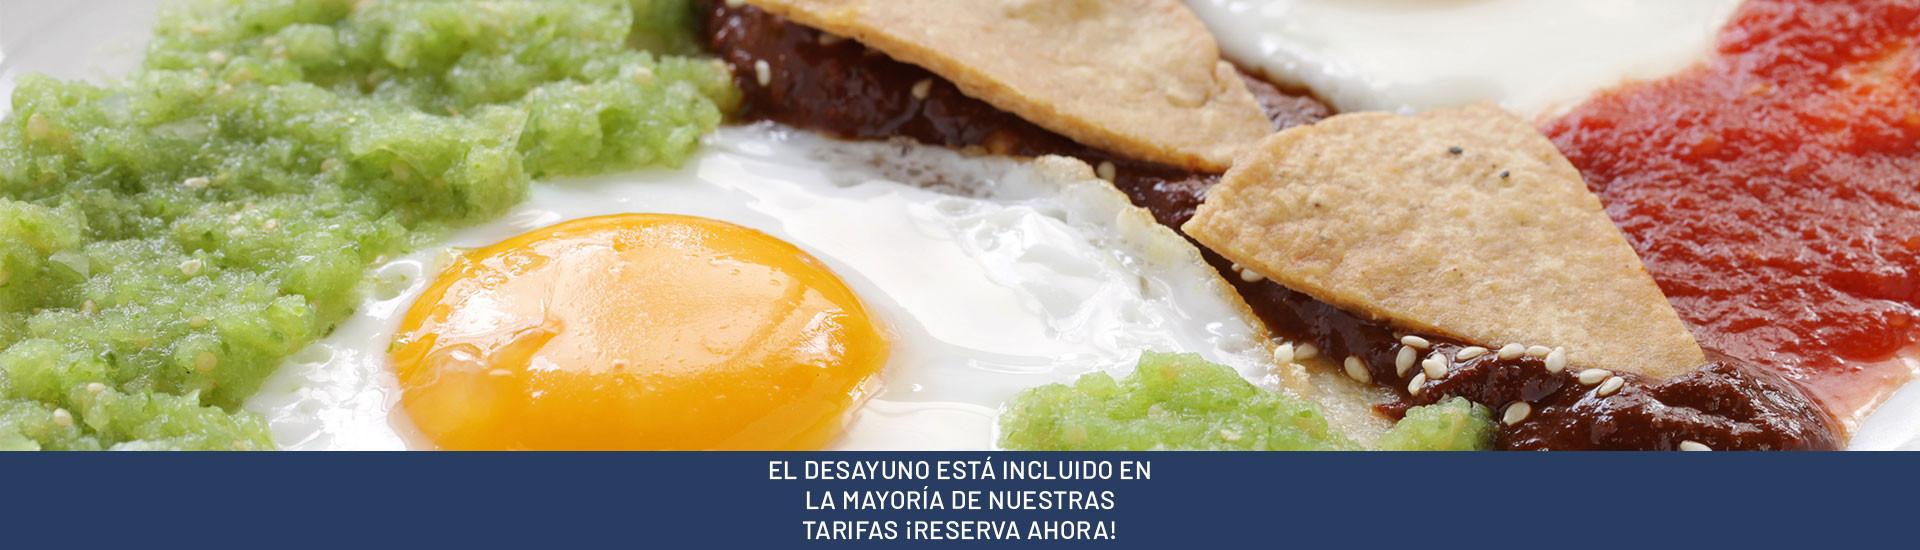 EL DESAYUNO ESTÁ INCLUIDO EN LA MAYORÍA DE NUESTRAS TARIFAS ¡RESERVA AHORA!